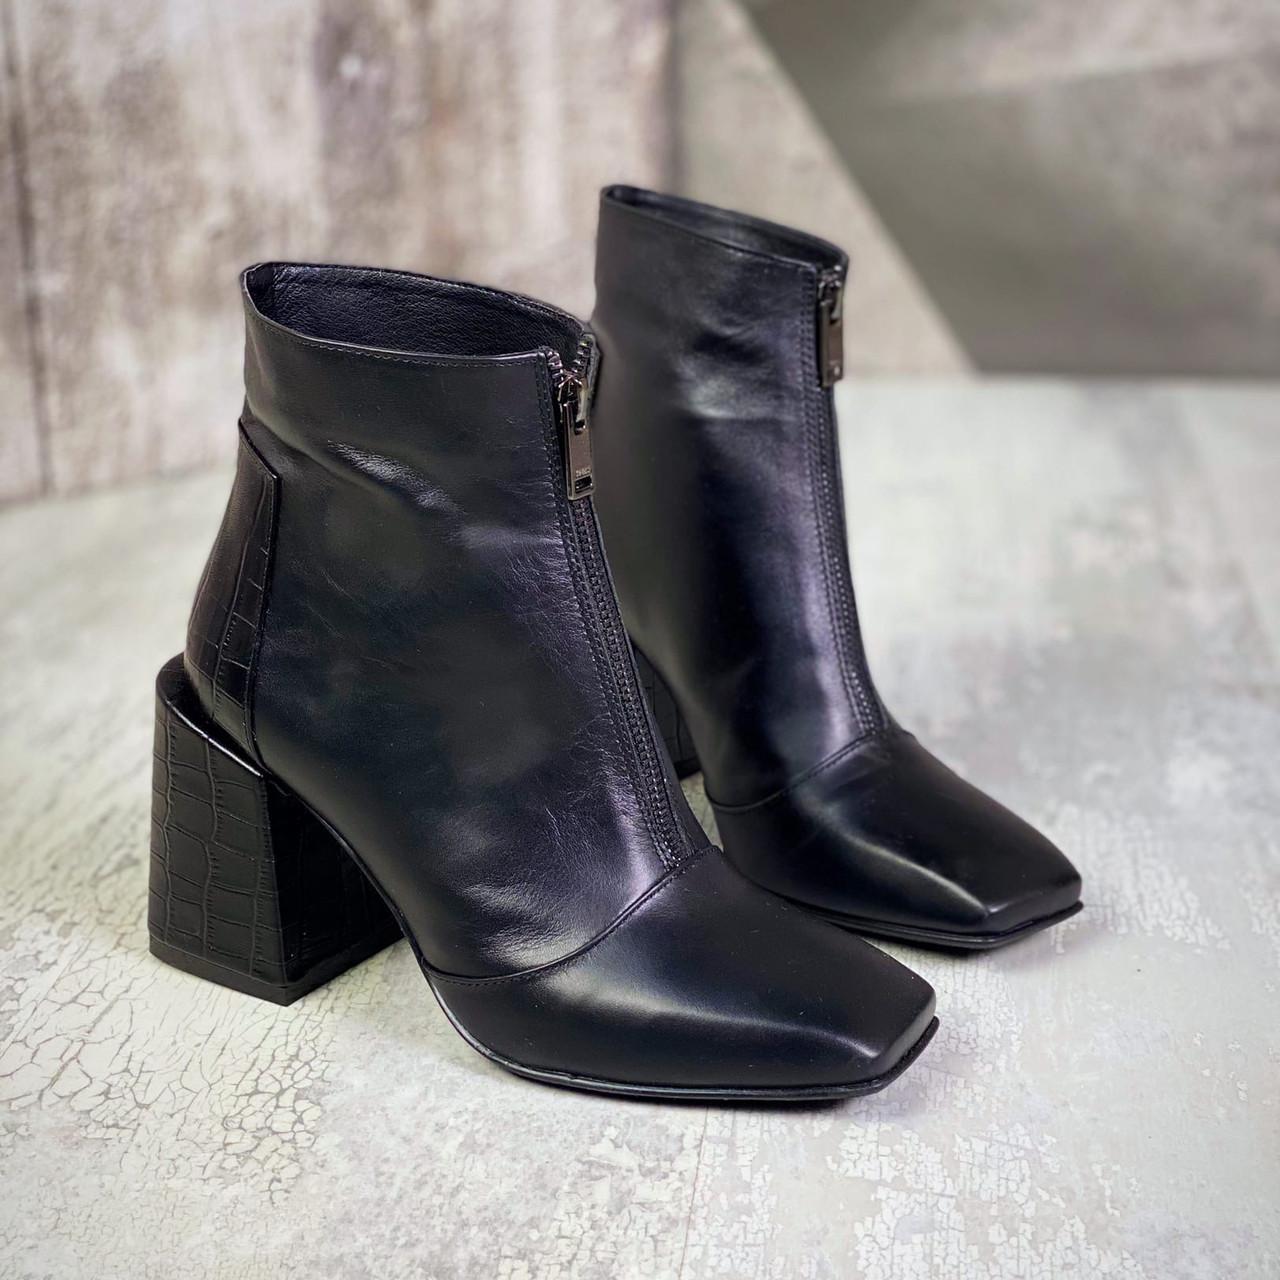 Женские кожаные демисезонные ботинки на каблуке 36-40 р чёрный